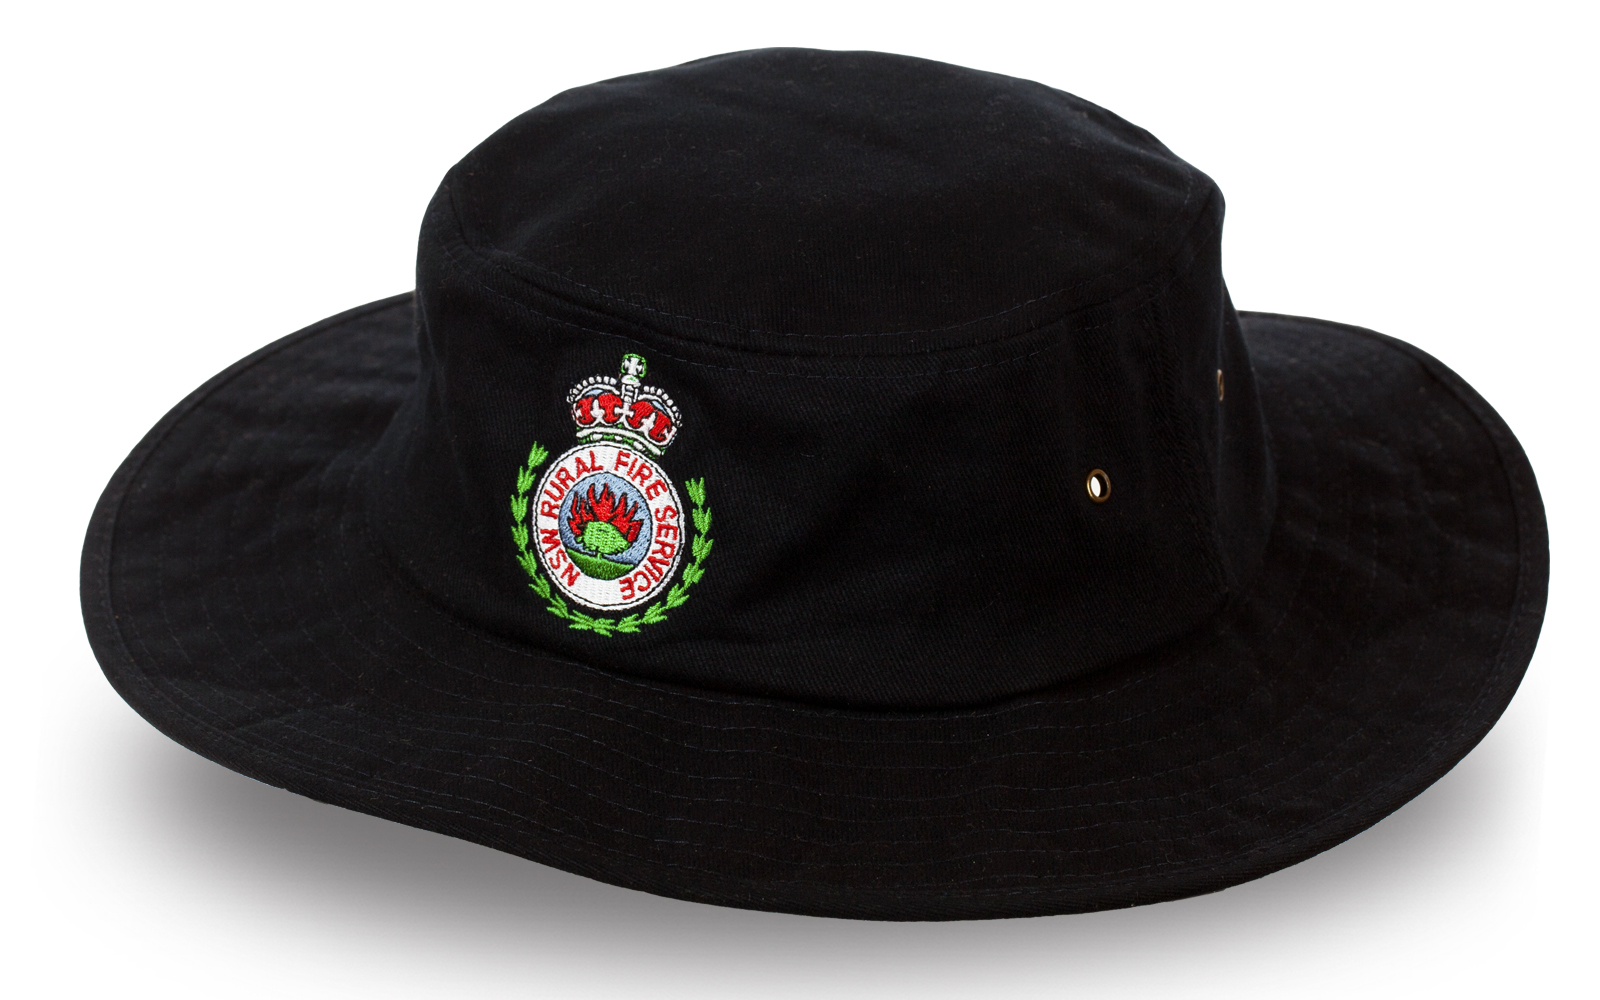 Мужская шляпа-панама для дачи - купить по выгодной цене